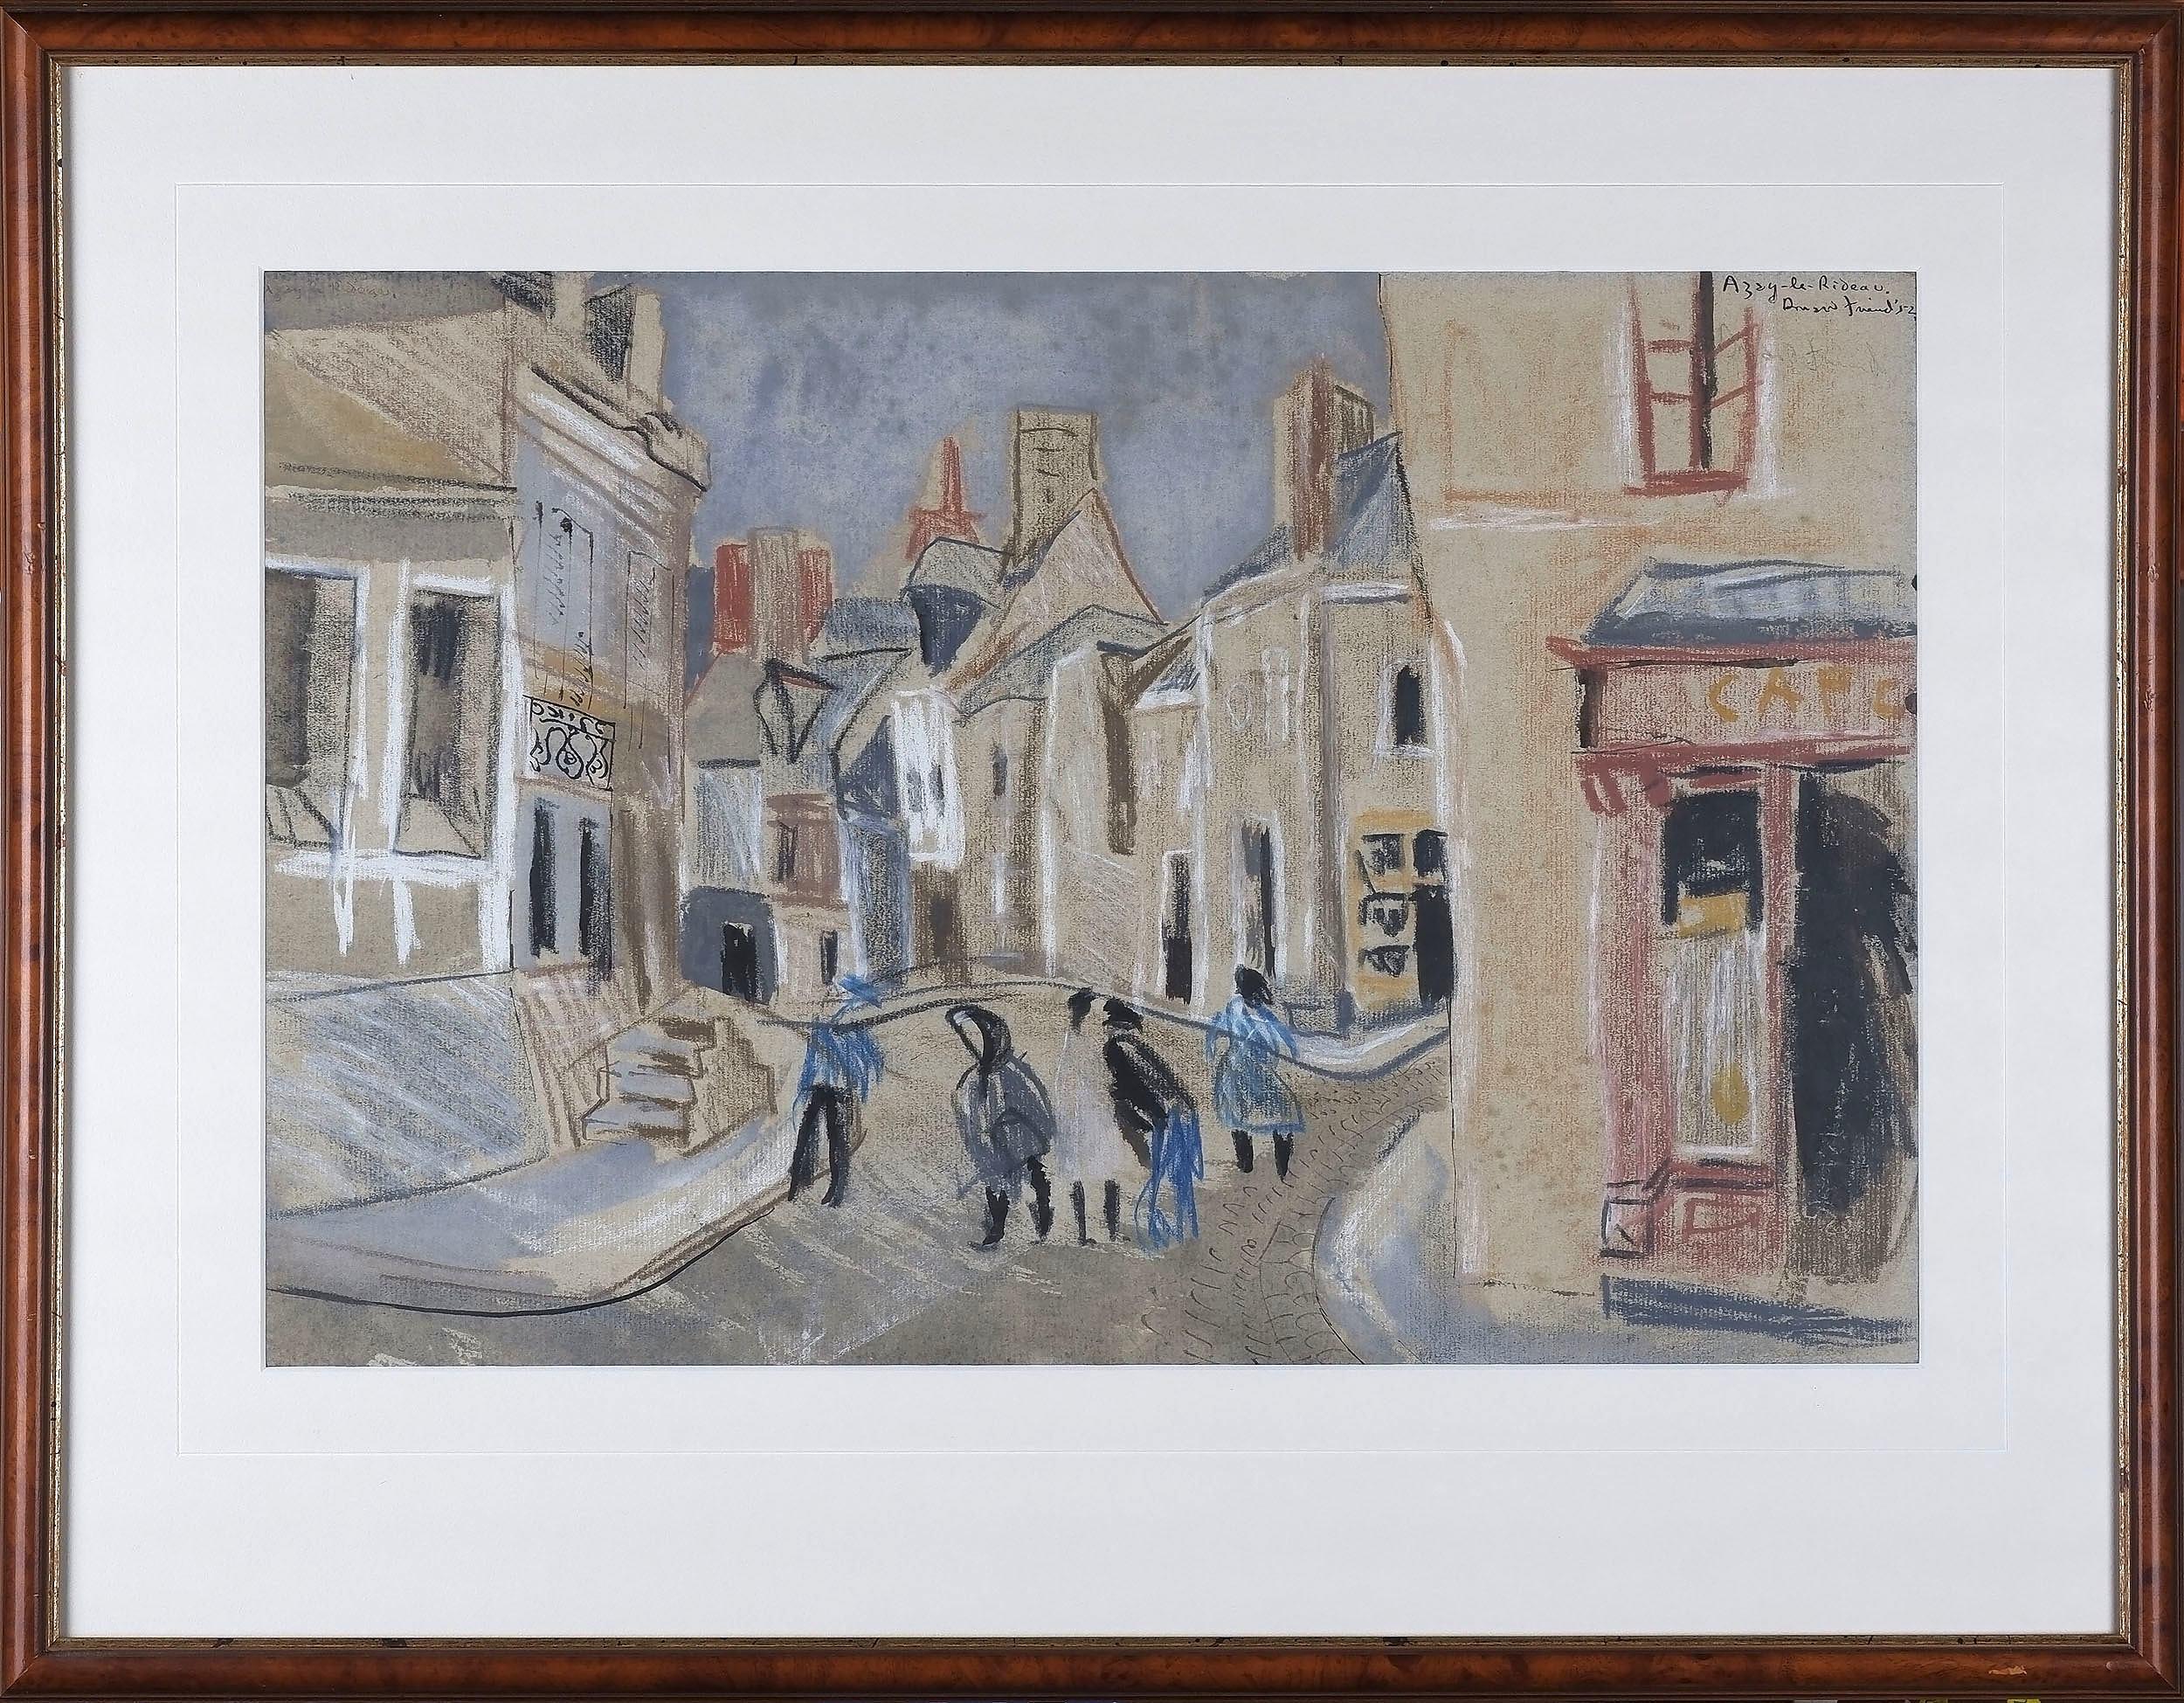 'Donald Stuart Leslie Friend (1915-89) Azay-Le-Rideau 1952 Pastel and Ink on Paper'